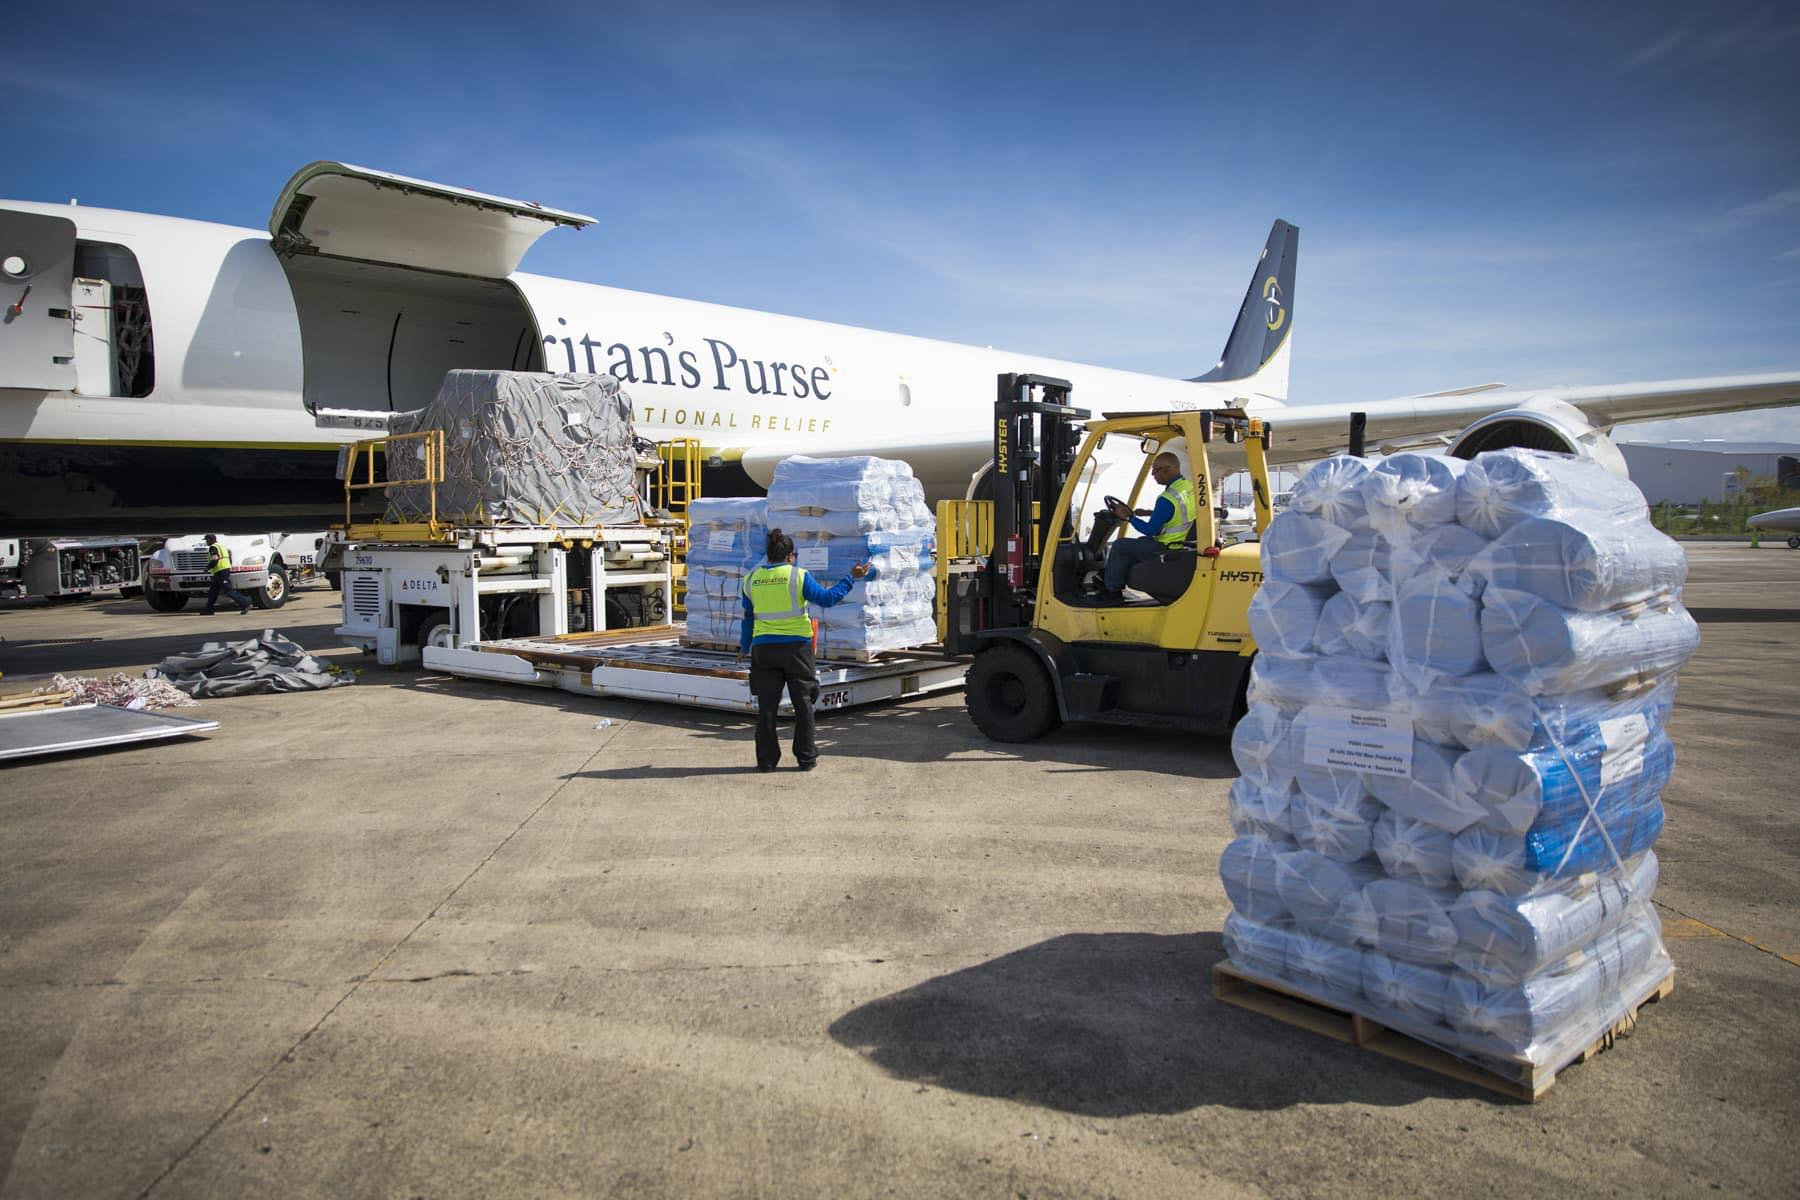 Samaritan's Purse DC-8 con suministros de socorro para entregarlos tan pronto como el aeropuerto allí vuelva a abrir.